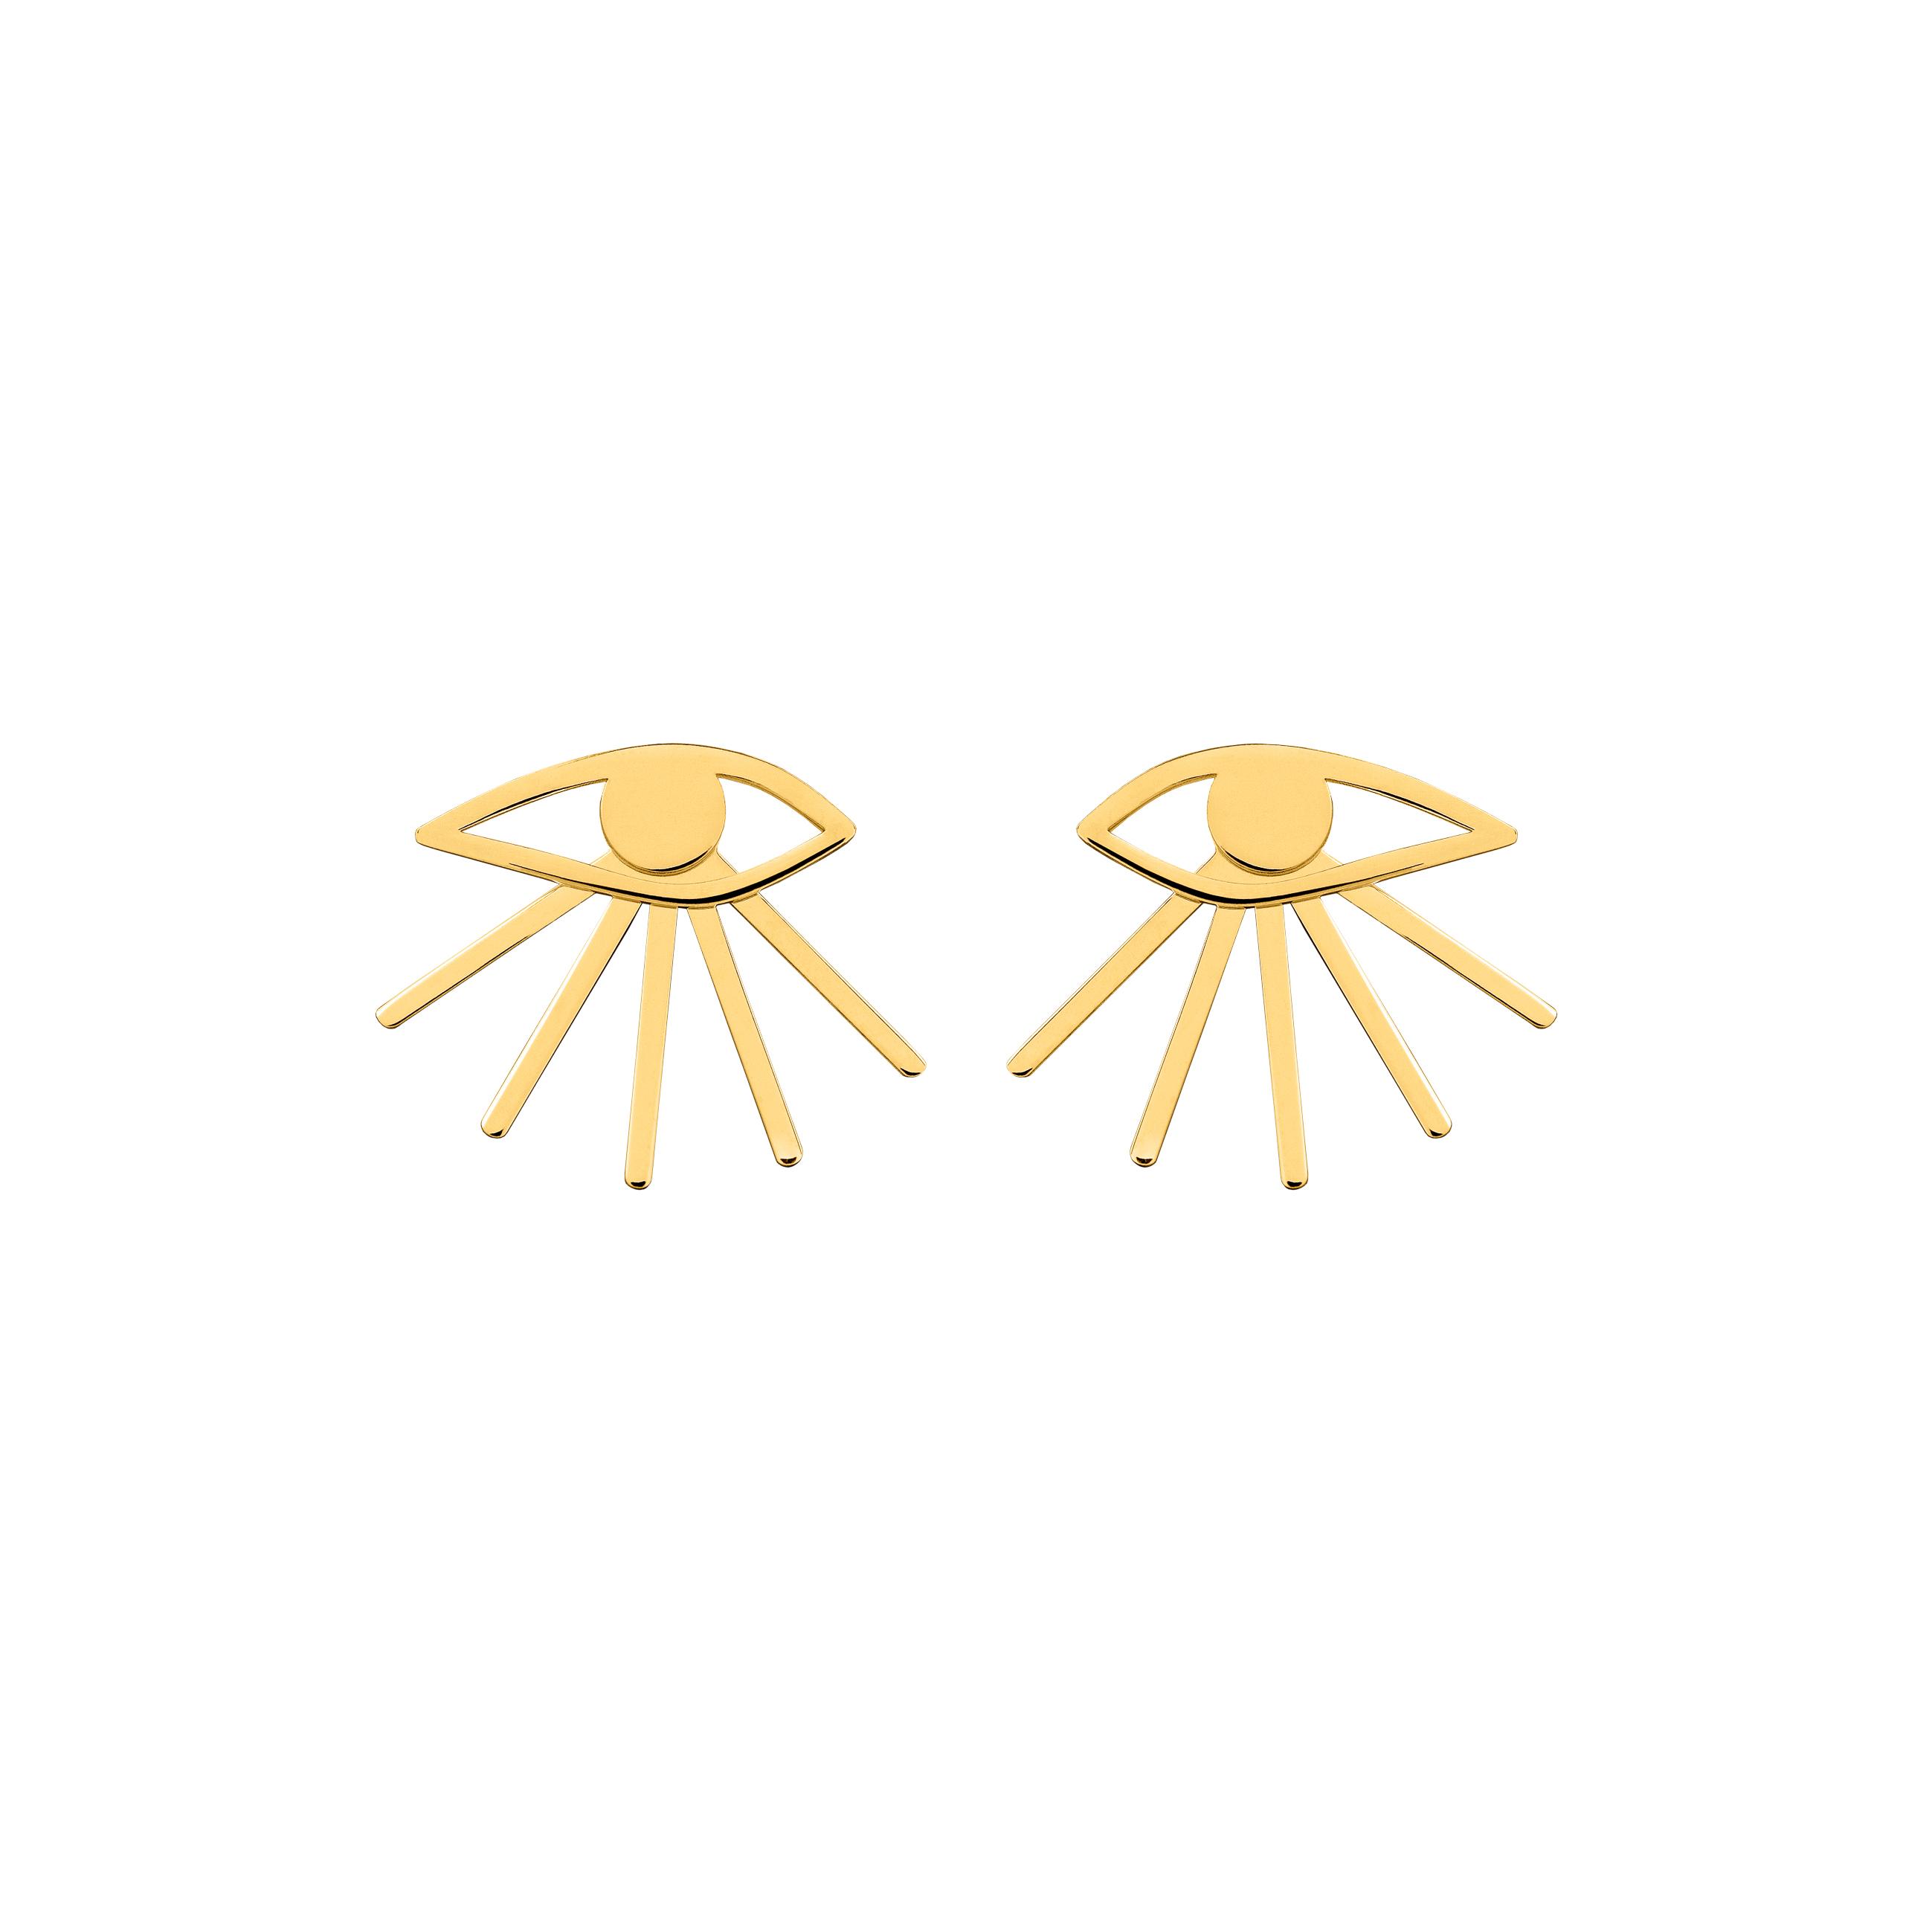 MINI EYE EARRINGS/ GOLD